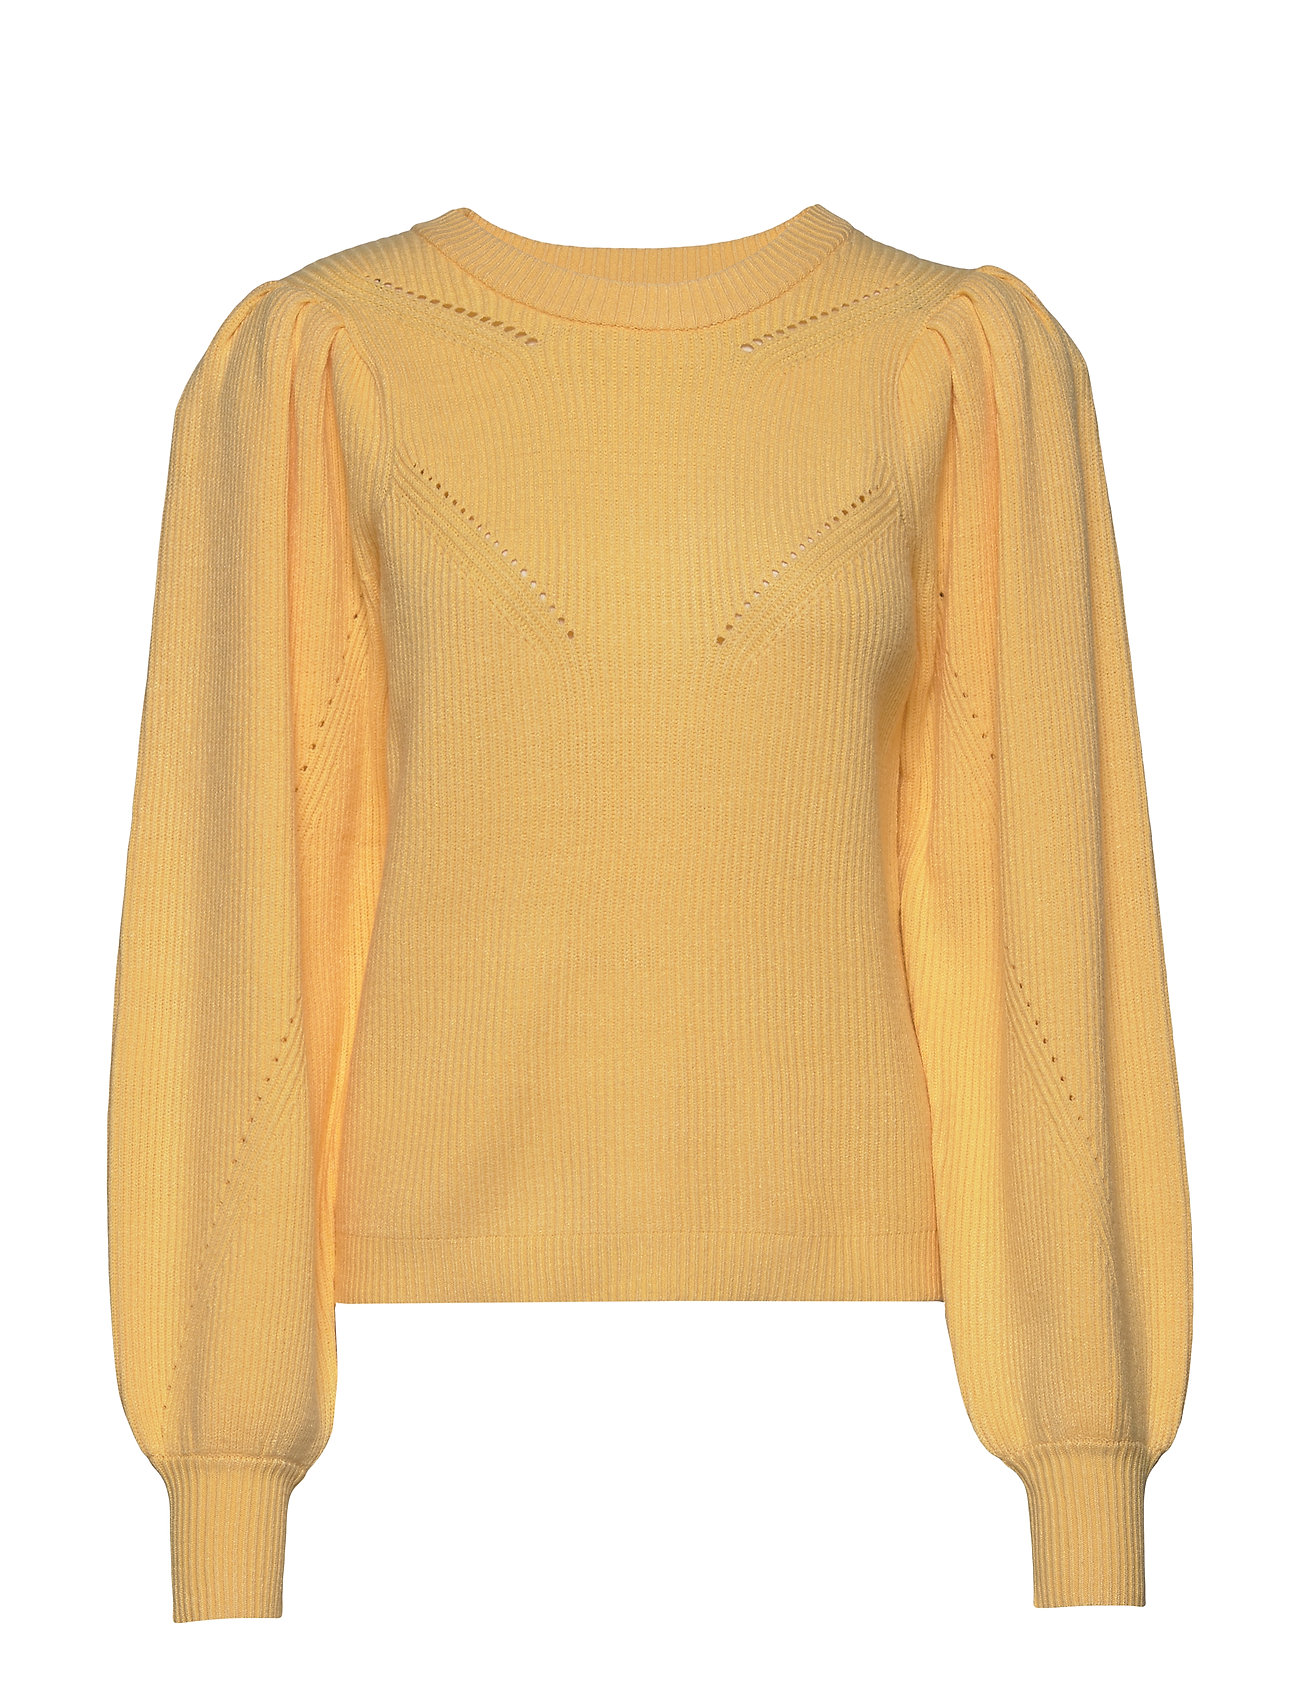 Image of Pzliza Pullover Strikket Trøje Gul Pulz Jeans (3339884539)